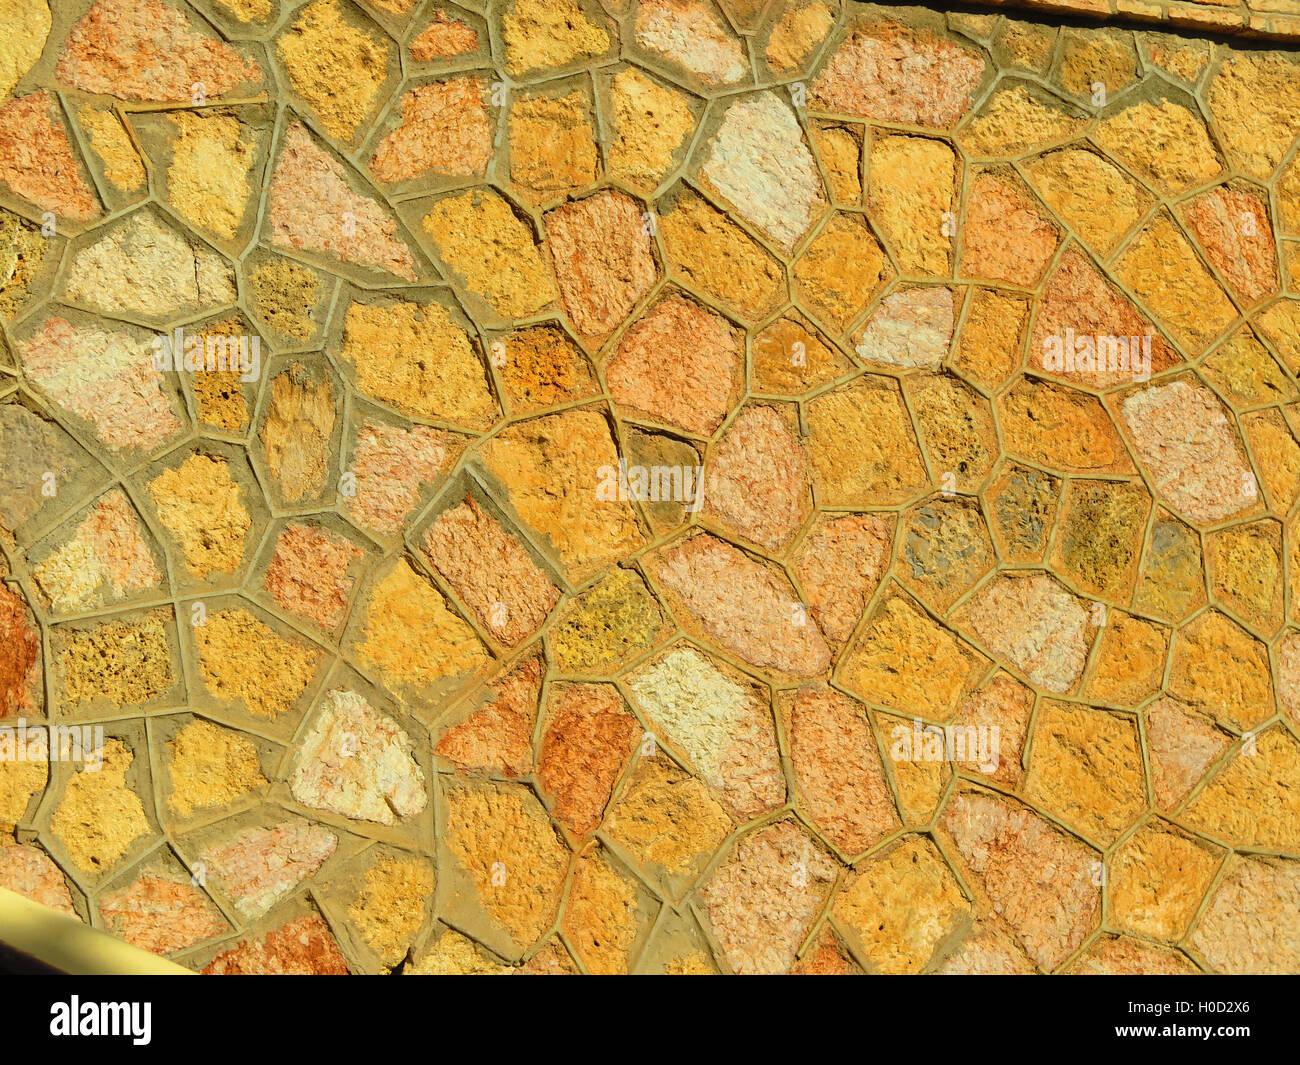 Stone Cladding Stock Photos & Stone Cladding Stock Images - Alamy